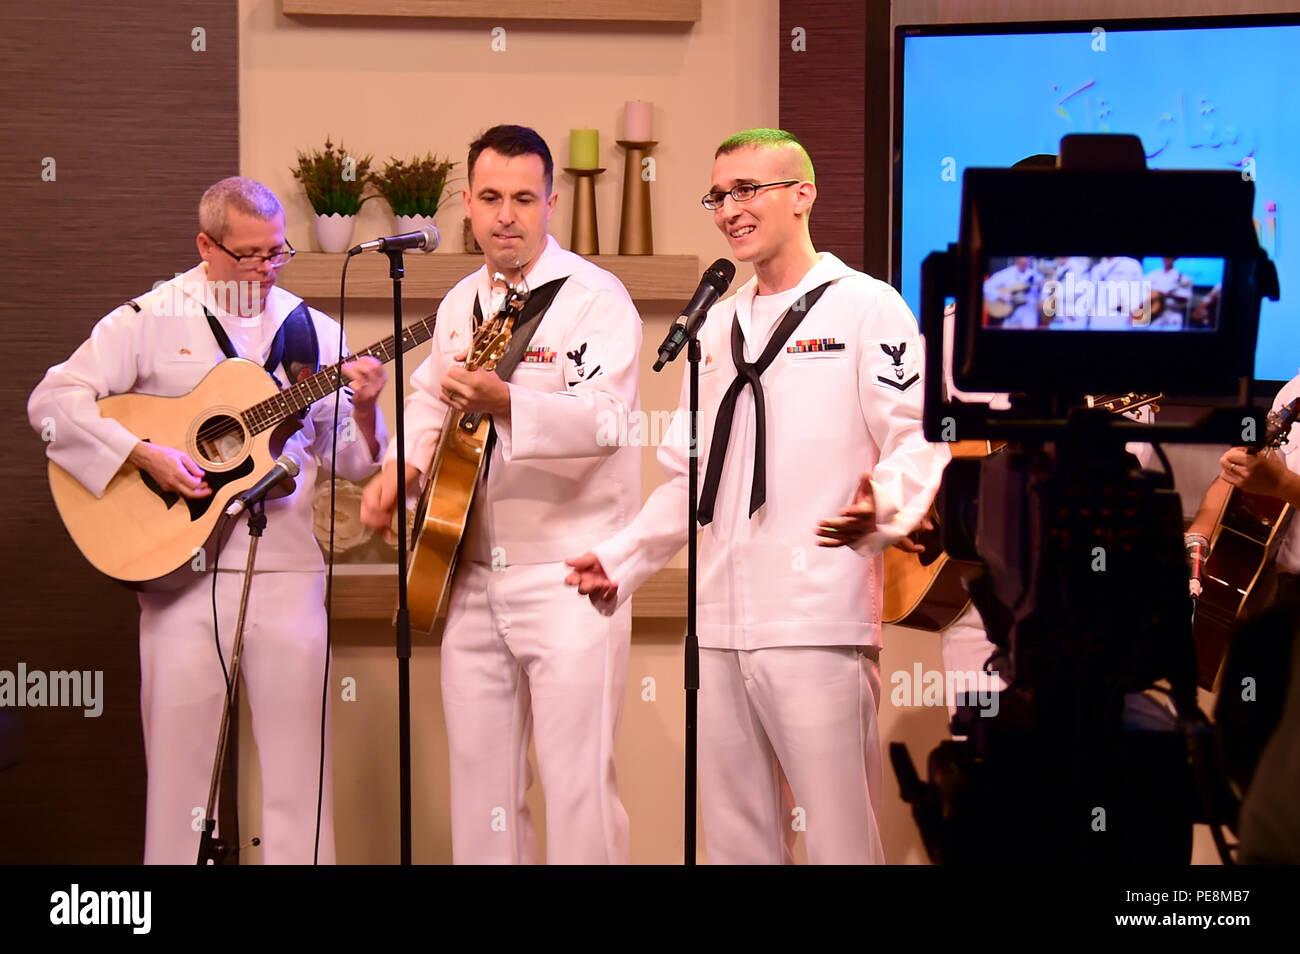 151103-N-QV906-108 BANDAR SERI BEGAWAN, Brunei (nov. 3, 2015) Les membres de la 7ème Flotte américaine Band's contemporary music ensemble Orient Express effectuer sur Rampai Pagi, un matin, au cours de montrer l'état de préparation et de formation à la coopération (CARAT) Brunei 2015 3 novembre. CARAT est une série d'exercices maritimes bilatéraux annuels, entre la U.S. Navy, Corps des Marines des États-Unis et les forces armées de neuf pays partenaires de: Bangladesh, Brunei, Cambodge, Indonésie, Malaisie, Philippines, Singapour, Thaïlande, et Timor-Liste. (U.S. Photo de marine de 1ère classe, spécialiste des communications de masse de Micah Photo Stock